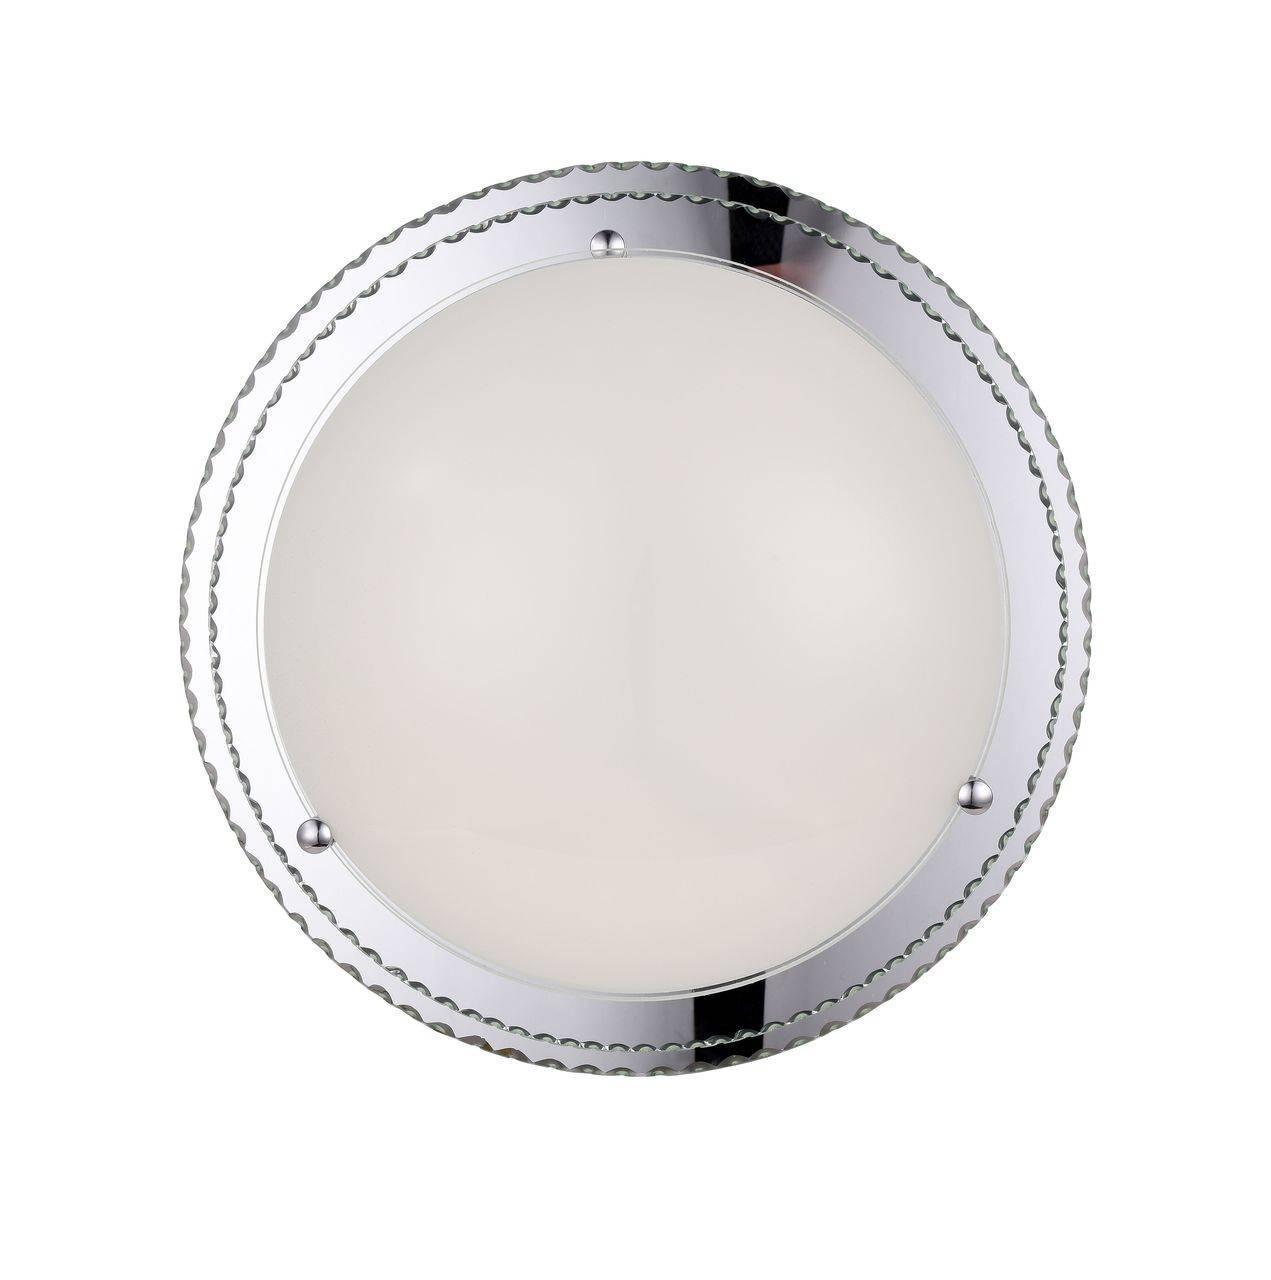 Потолочный светодиодный светильник ST Luce Universale SL494.552.01 потолочный светодиодный светильник st luce universale sl494 512 01